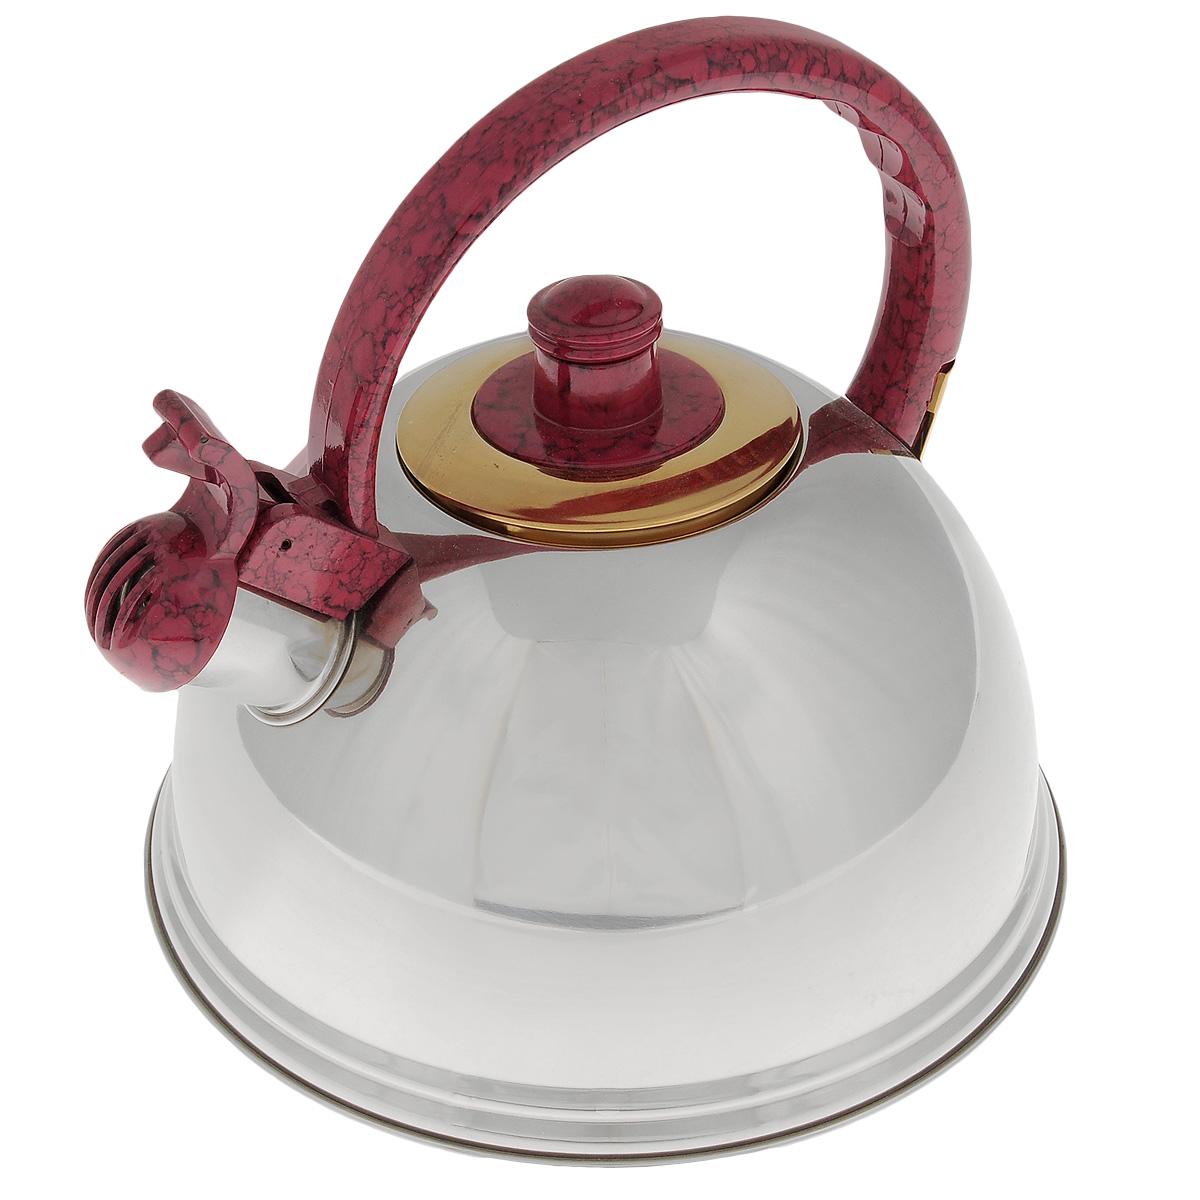 Чайник Mayer & Boch, со свистком, цвет: красный, 2,7 л. 2359468/5/4Чайник Mayer & Boch выполнен из нержавеющей стали высокой прочности с зеркальной полировкой. Чайник оснащен откидным свистком, который громко оповестит о закипании воды. Удобная эргономичная ручка и крышка выполнены из нейлона. Такой чайник идеально впишется в интерьер любой кухни и станет замечательным подарком к любому случаю. Подходит для всех типов плит, кроме индукционных. Можно мыть в посудомоечной машине.Диаметр чайника по верхнему краю: 8,5 см.Высота чайника (с учетом ручки): 21 см.